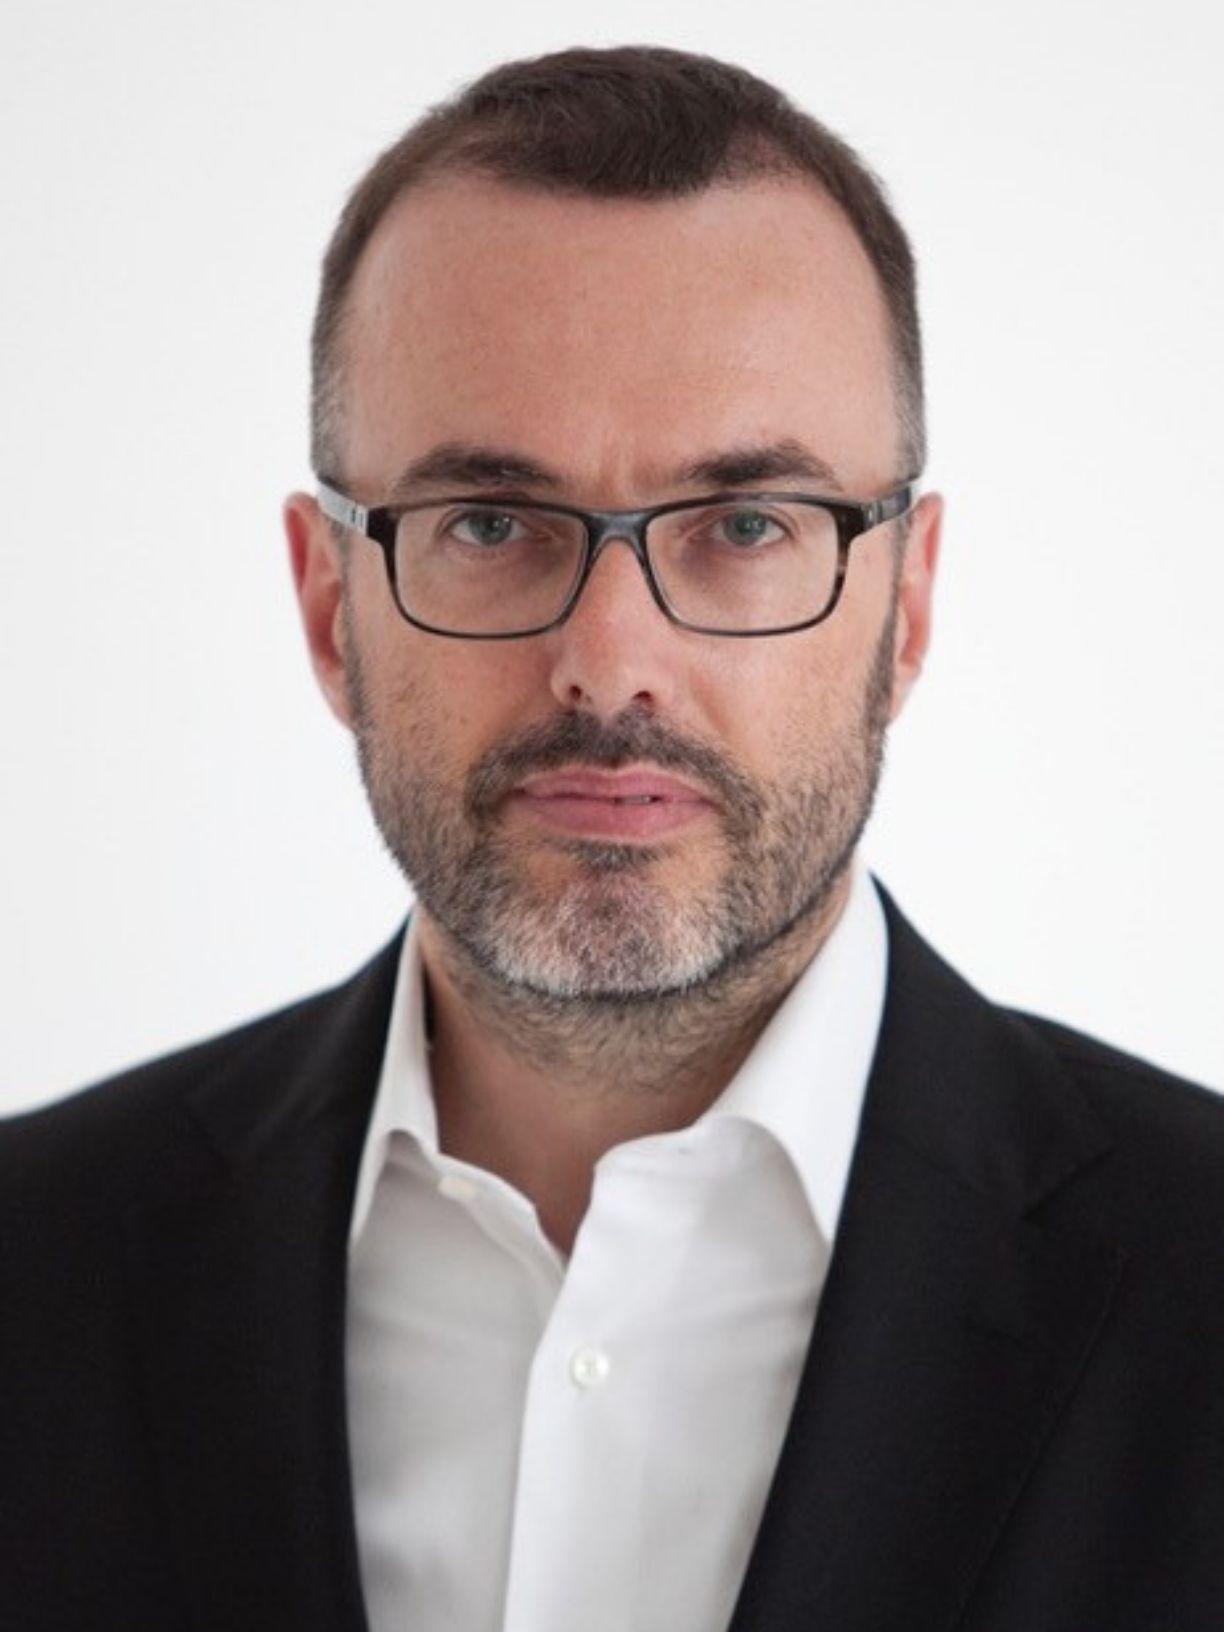 Adam Chazanow